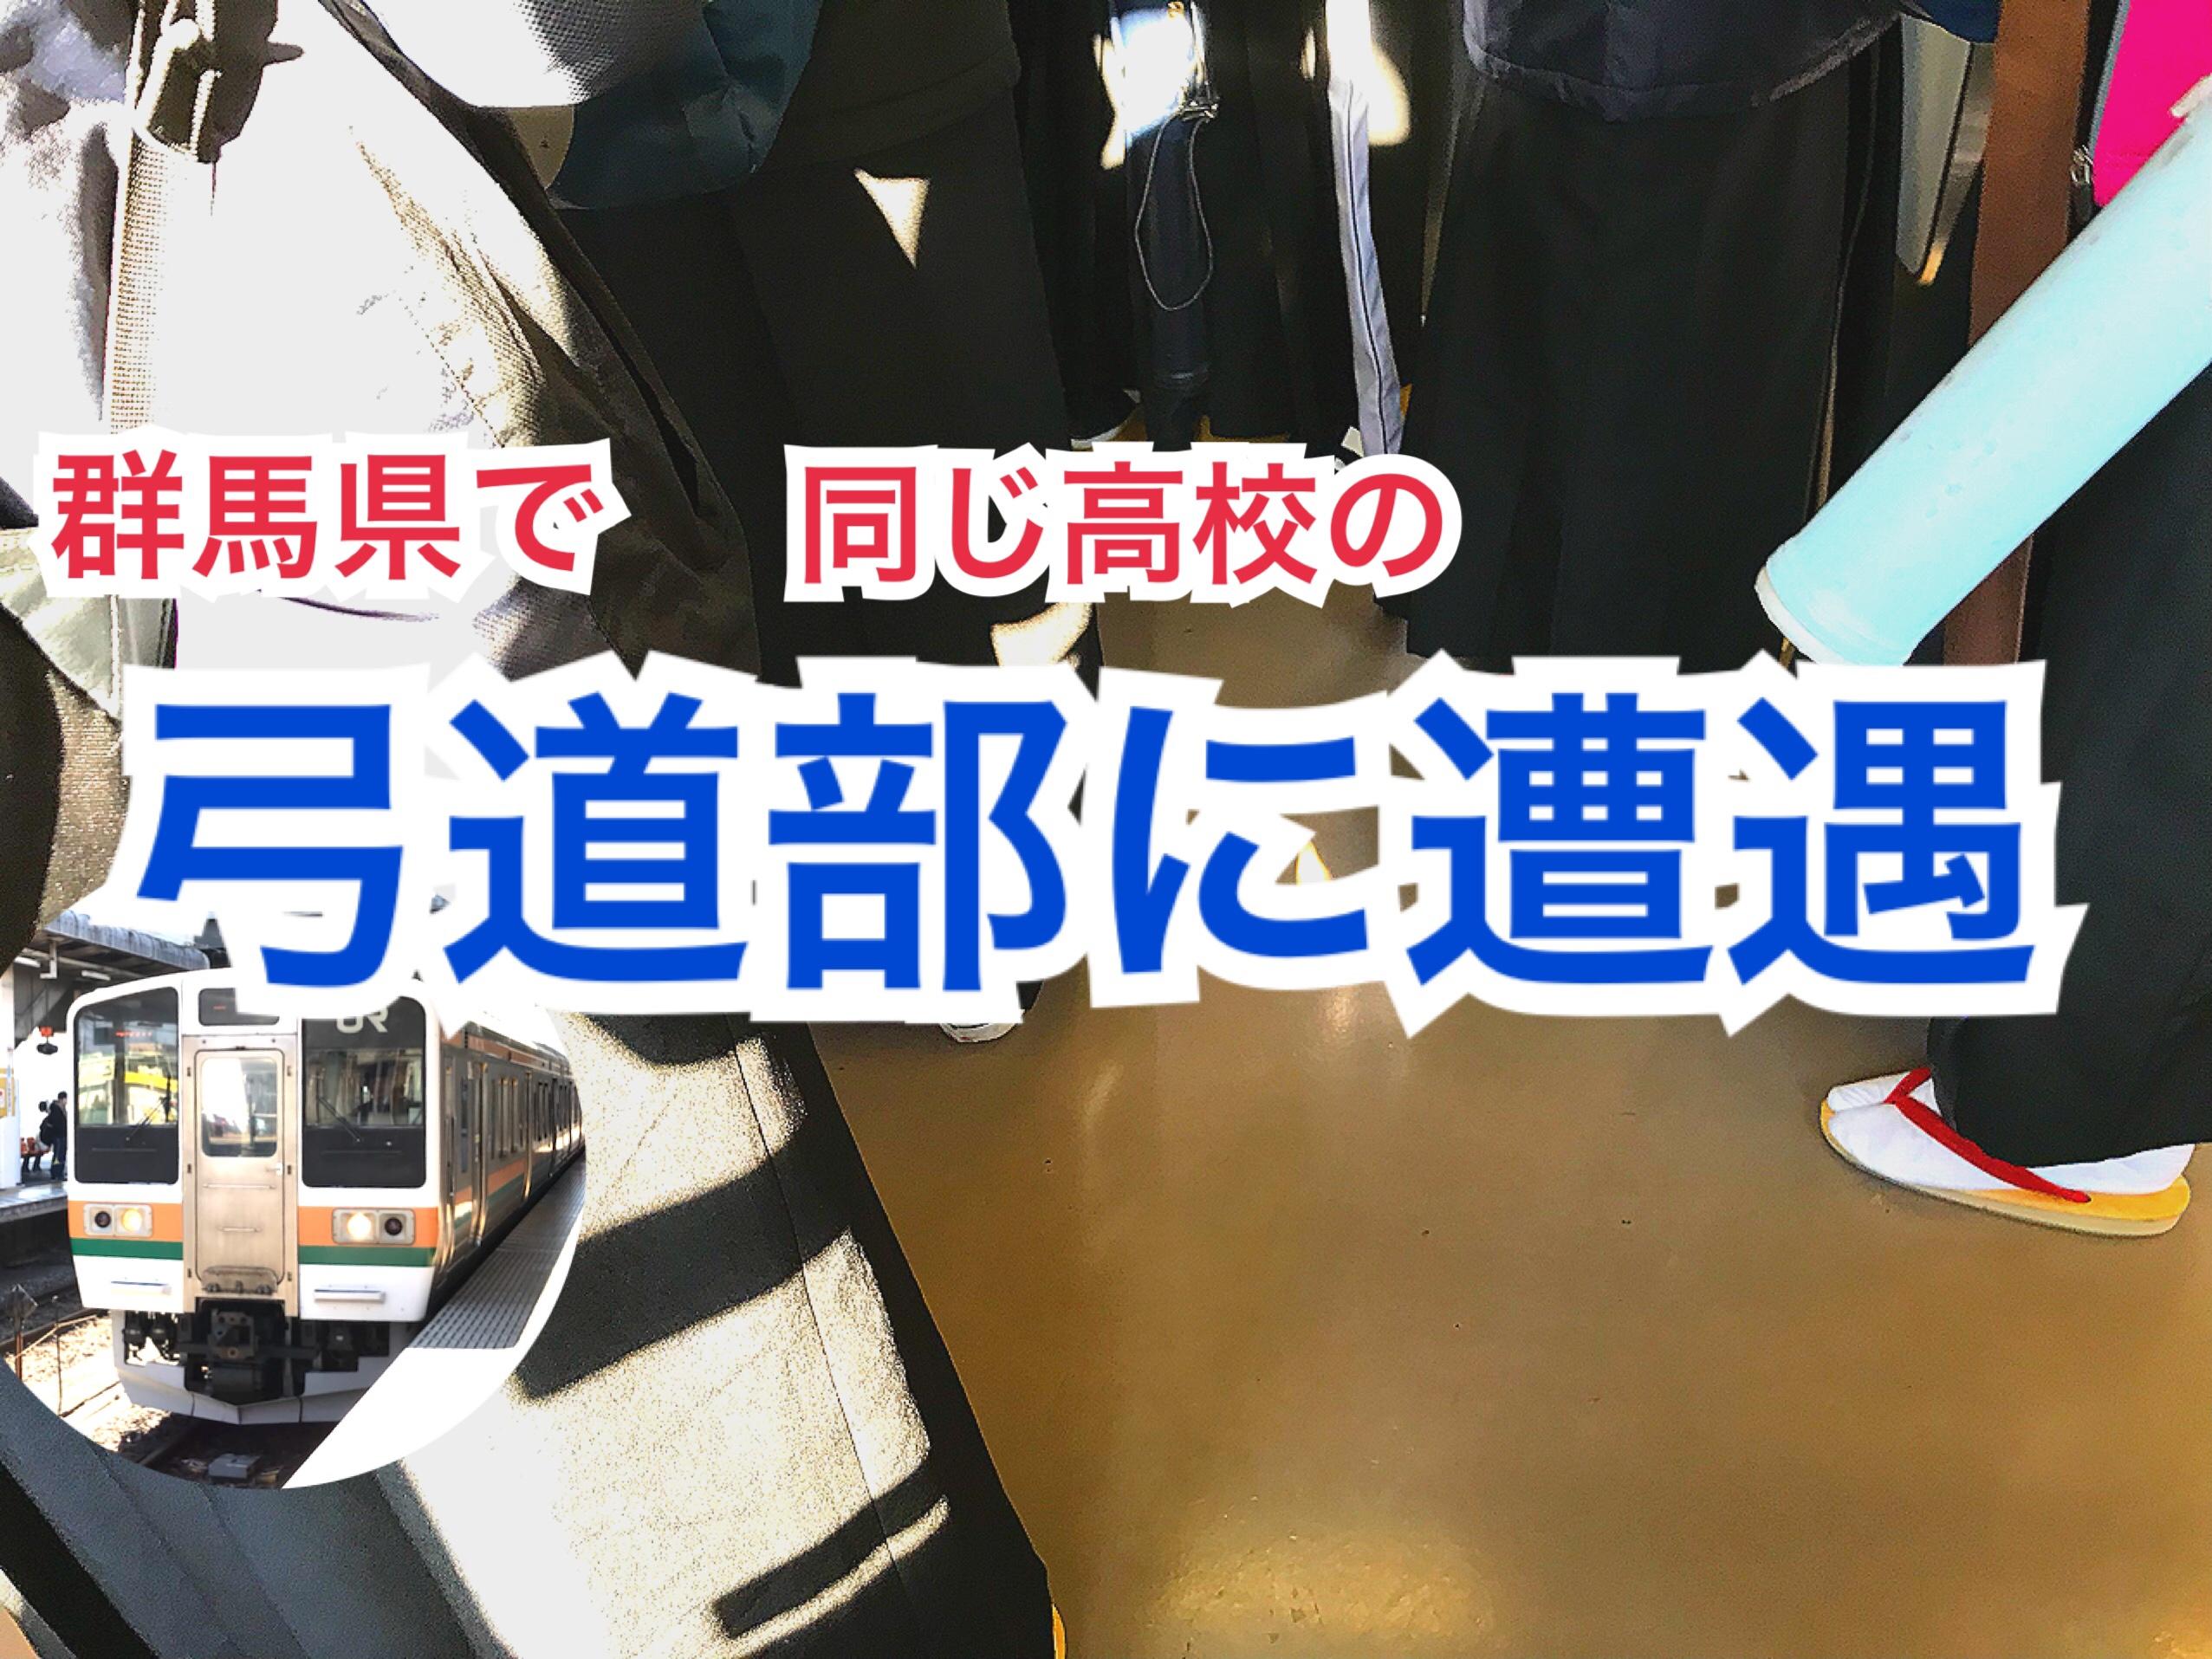 群馬県で、こんにちは弓道部【関東めぐり群馬編】